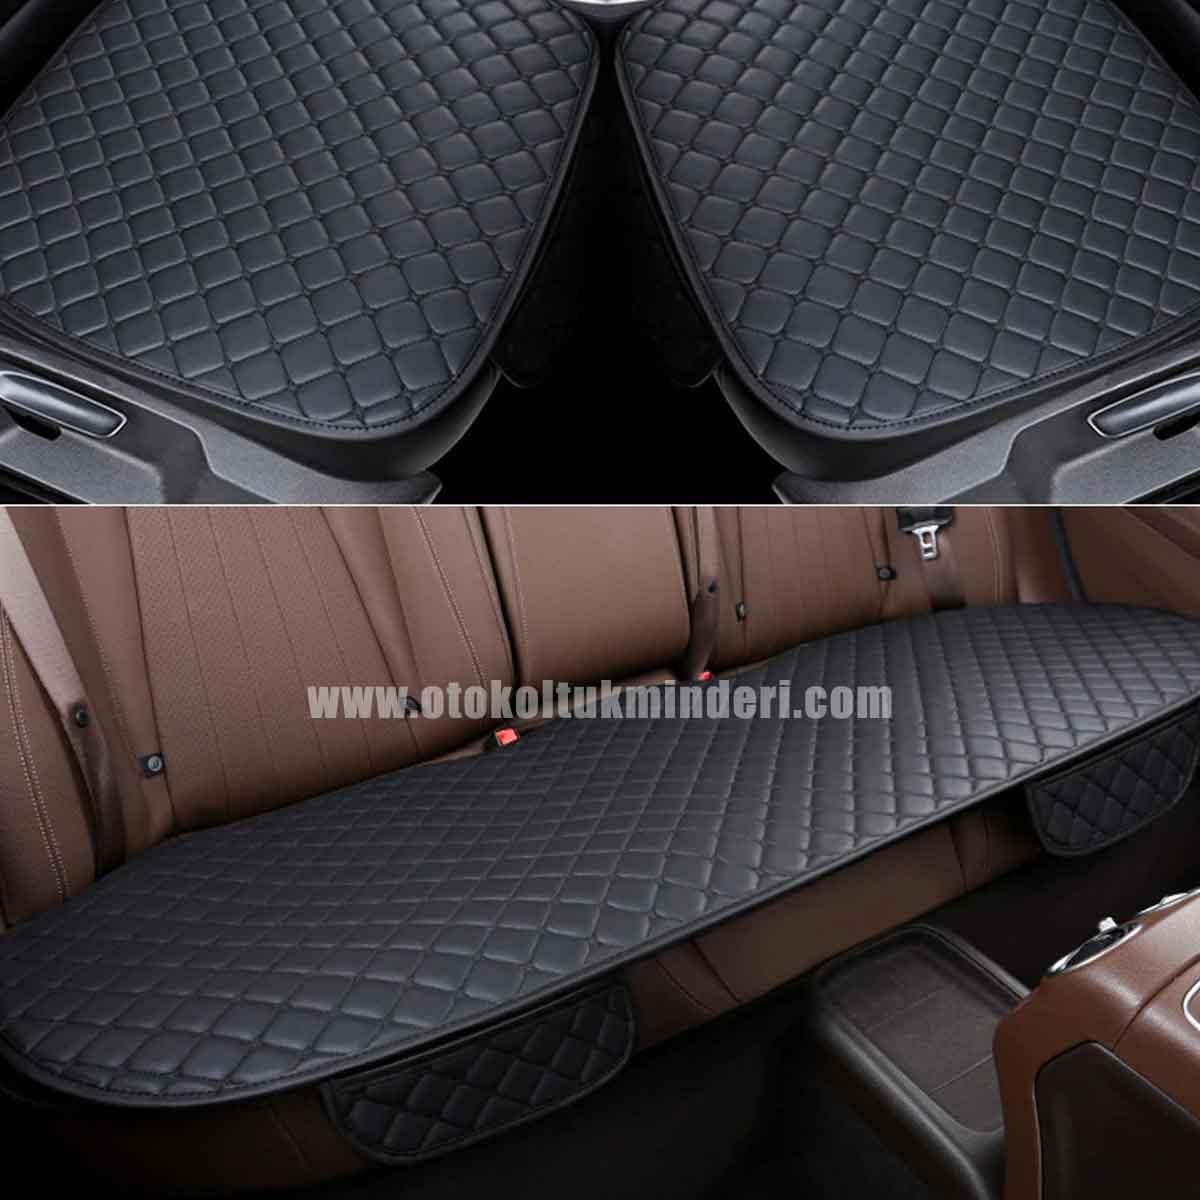 Citroen koltuk kılıfı deri - Citroen Koltuk minderi Siyah Deri Cepli